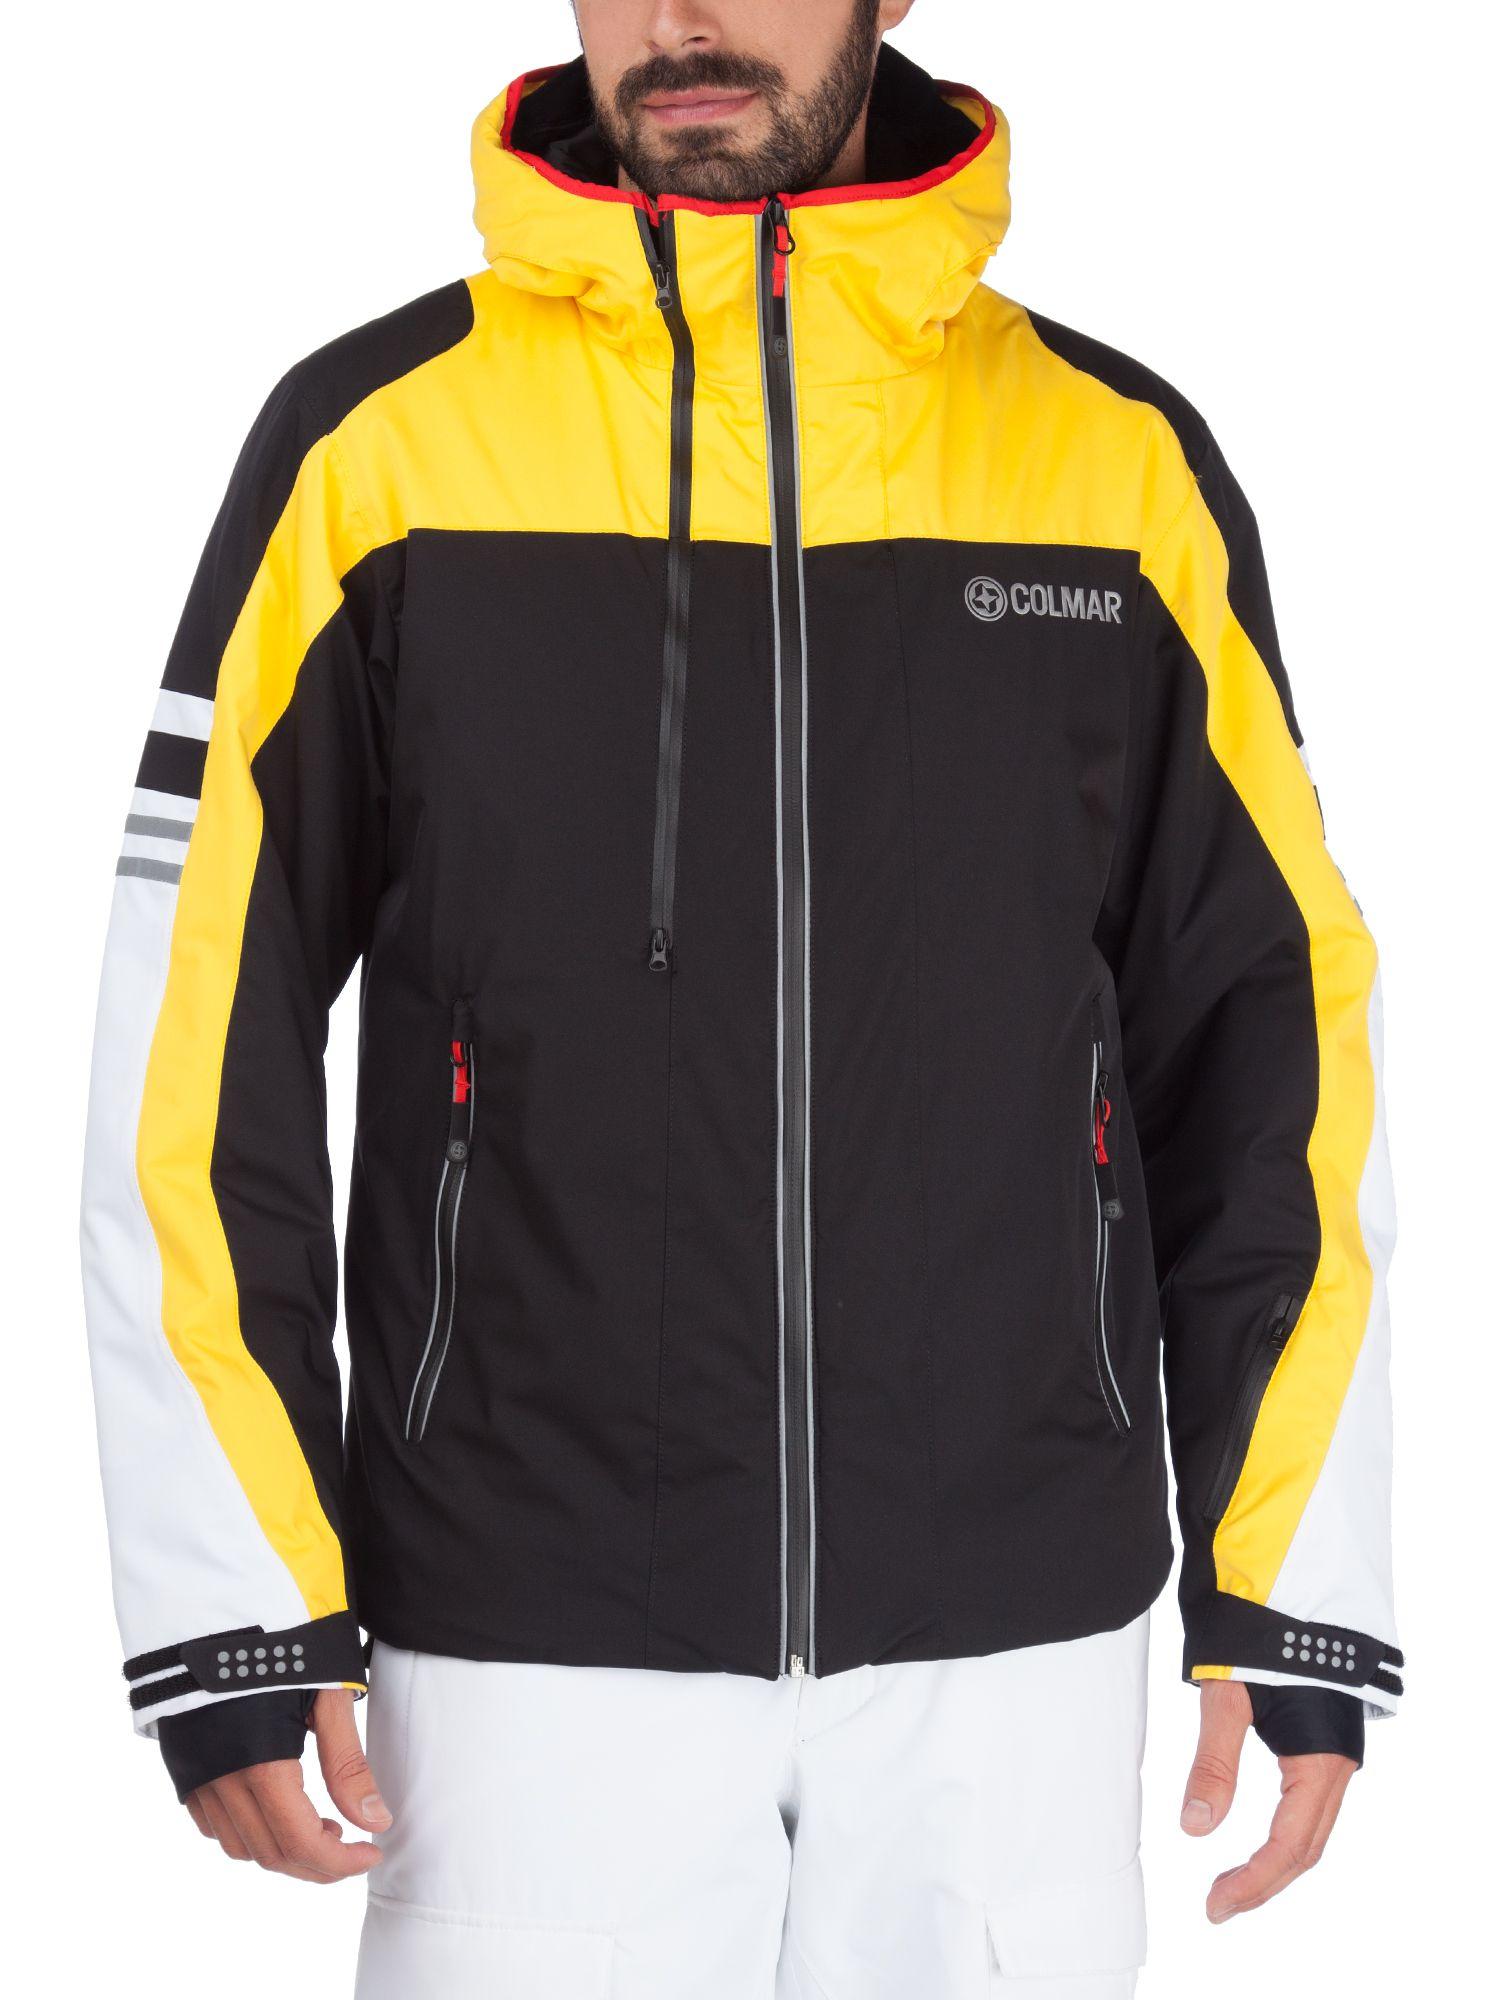 7f2ba91a9a RACING TEAM - Mens ski jacket 1111 - Colmar